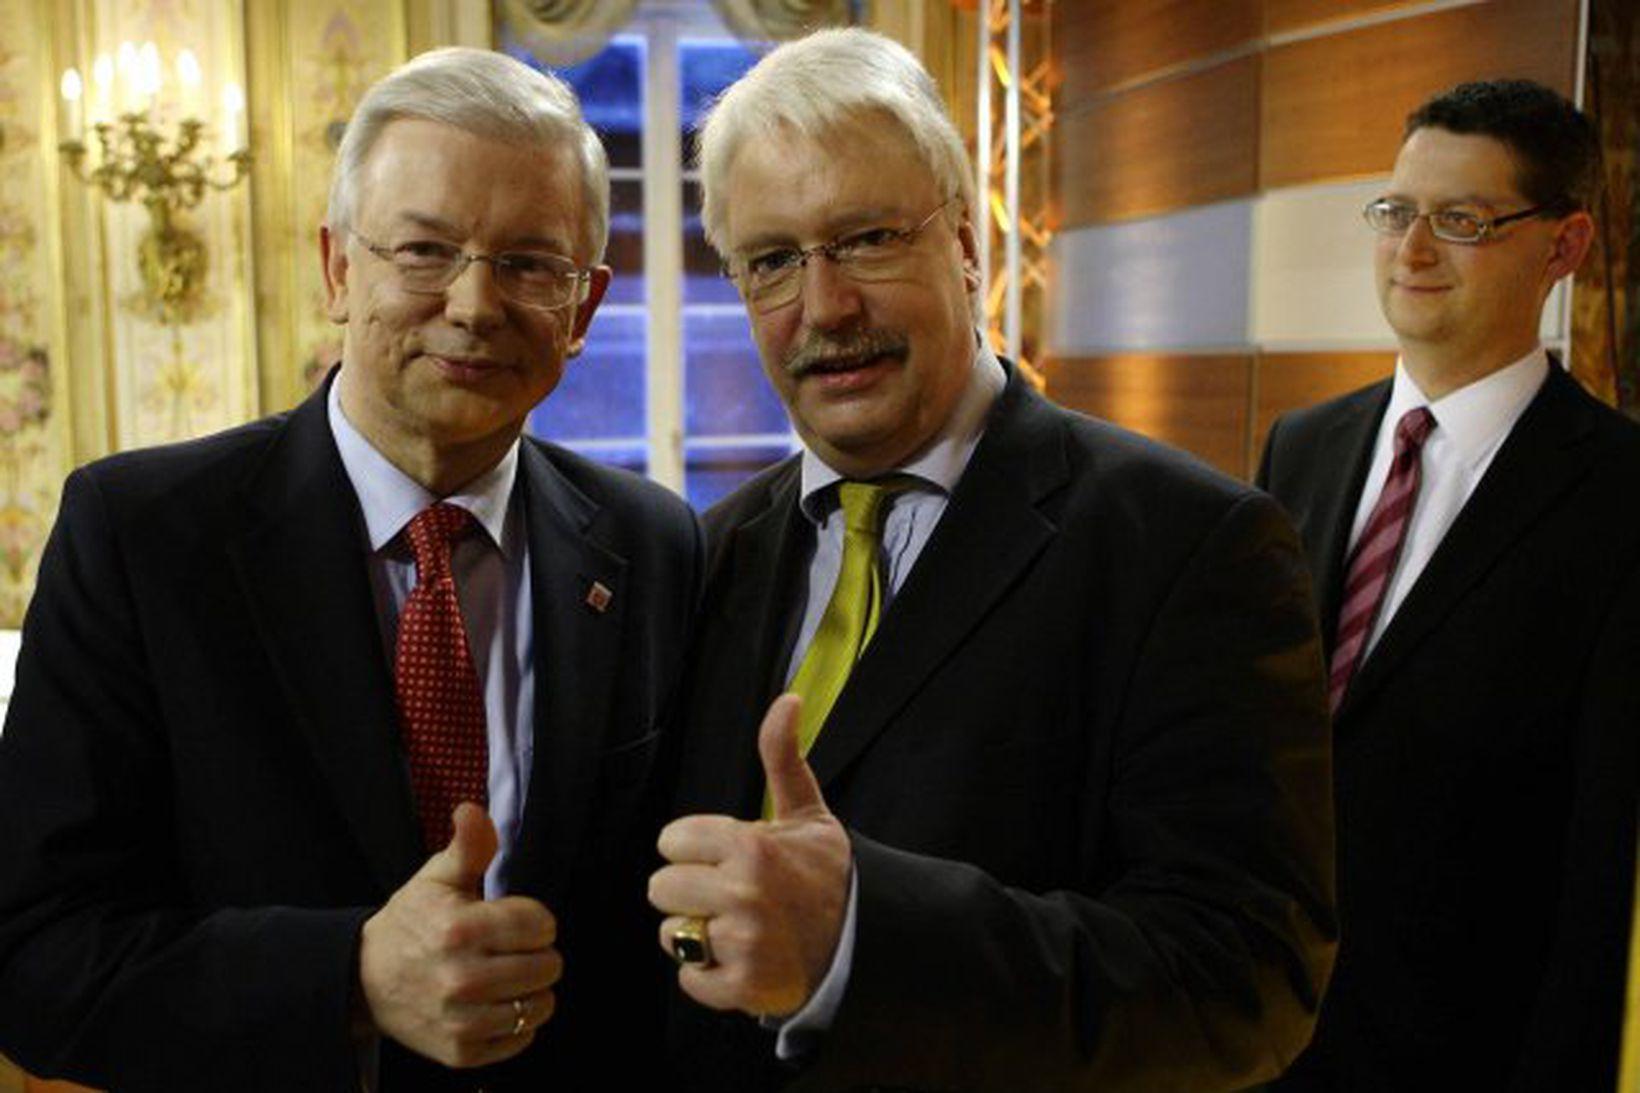 Roland Koch (t.v.) og samstarfsmaður hans i flokki Frjálslyndra demókrata, …